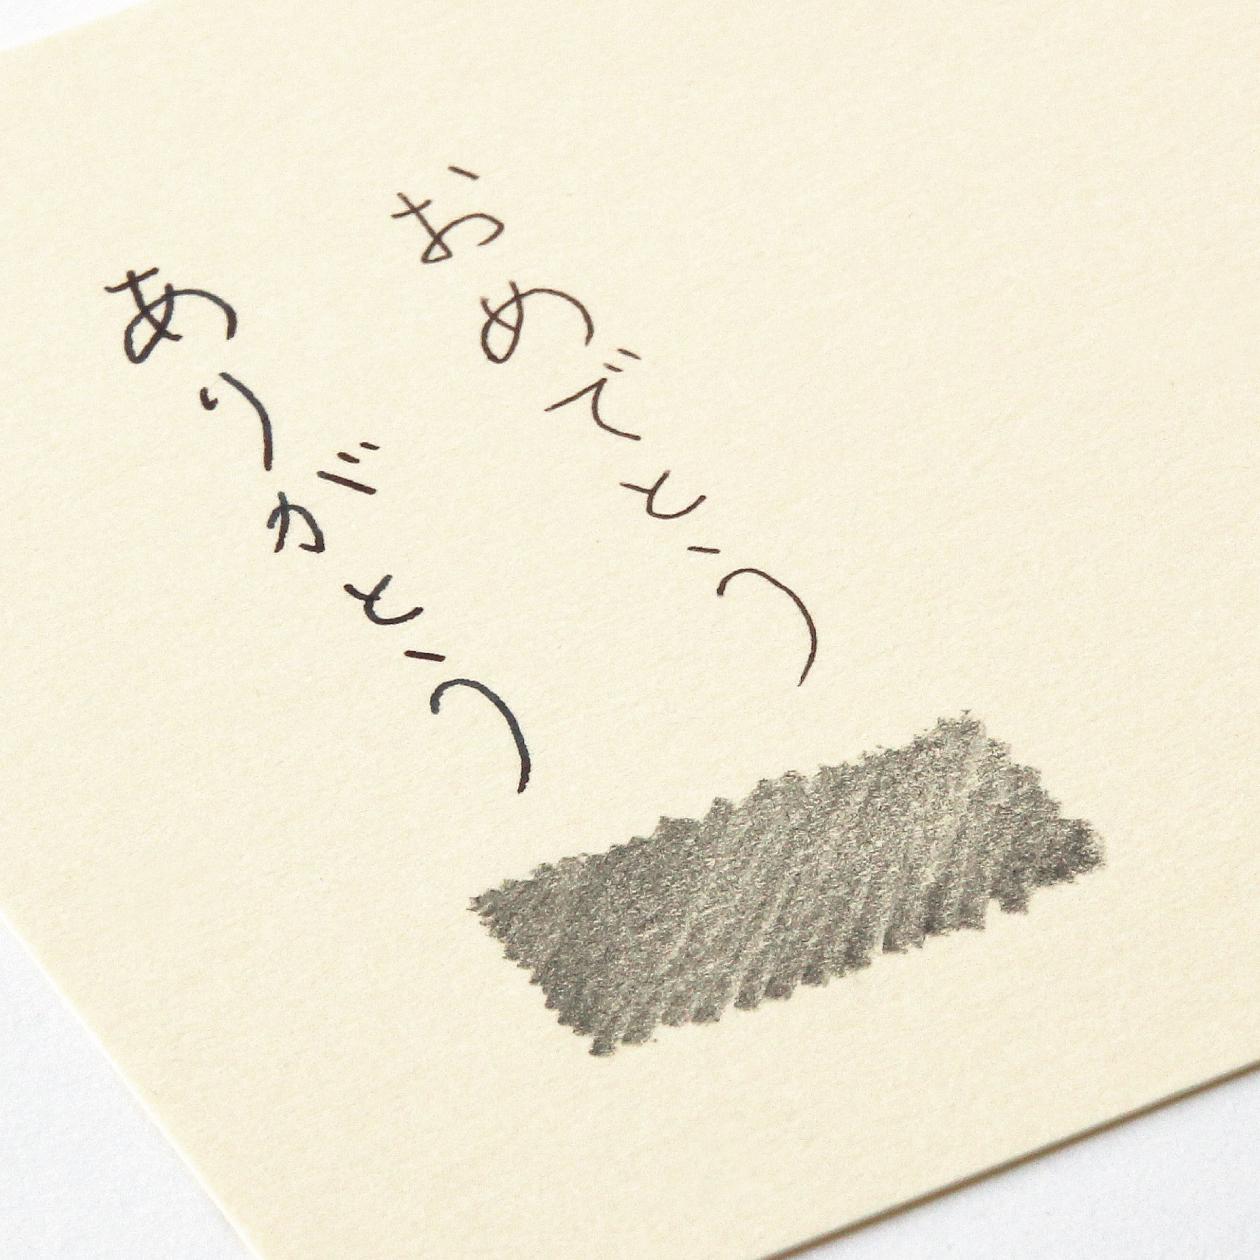 No.57ボーダード Pカード ピスタチオ 232.8g